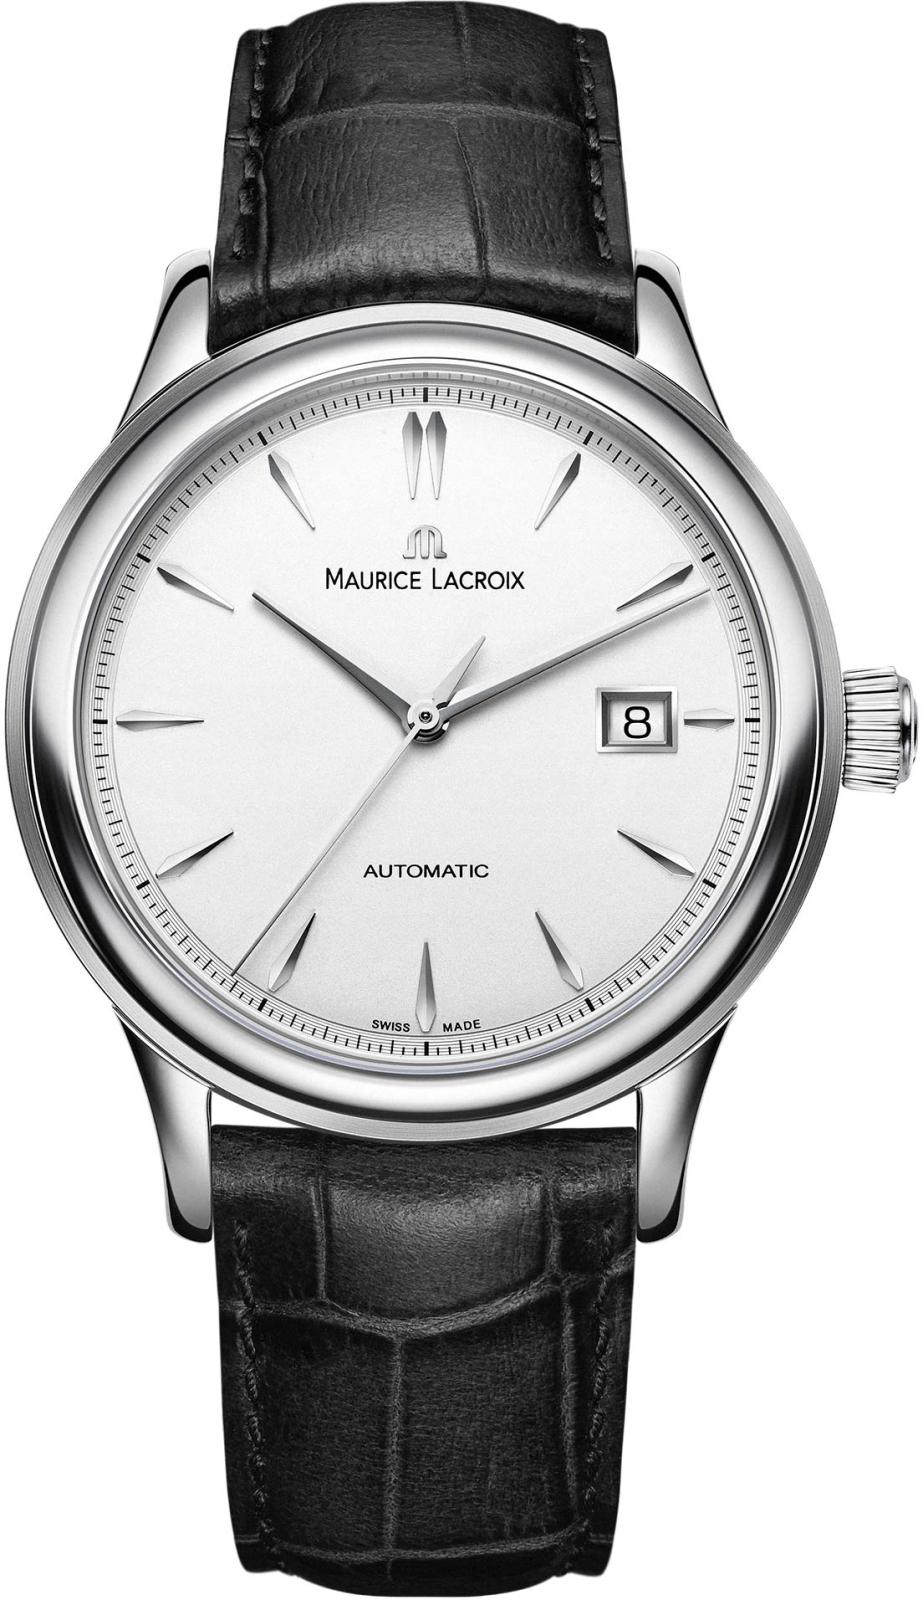 Maurice Lacroix Les Classiques Date LC6098-SS001-130-1 от Maurice Lacroix